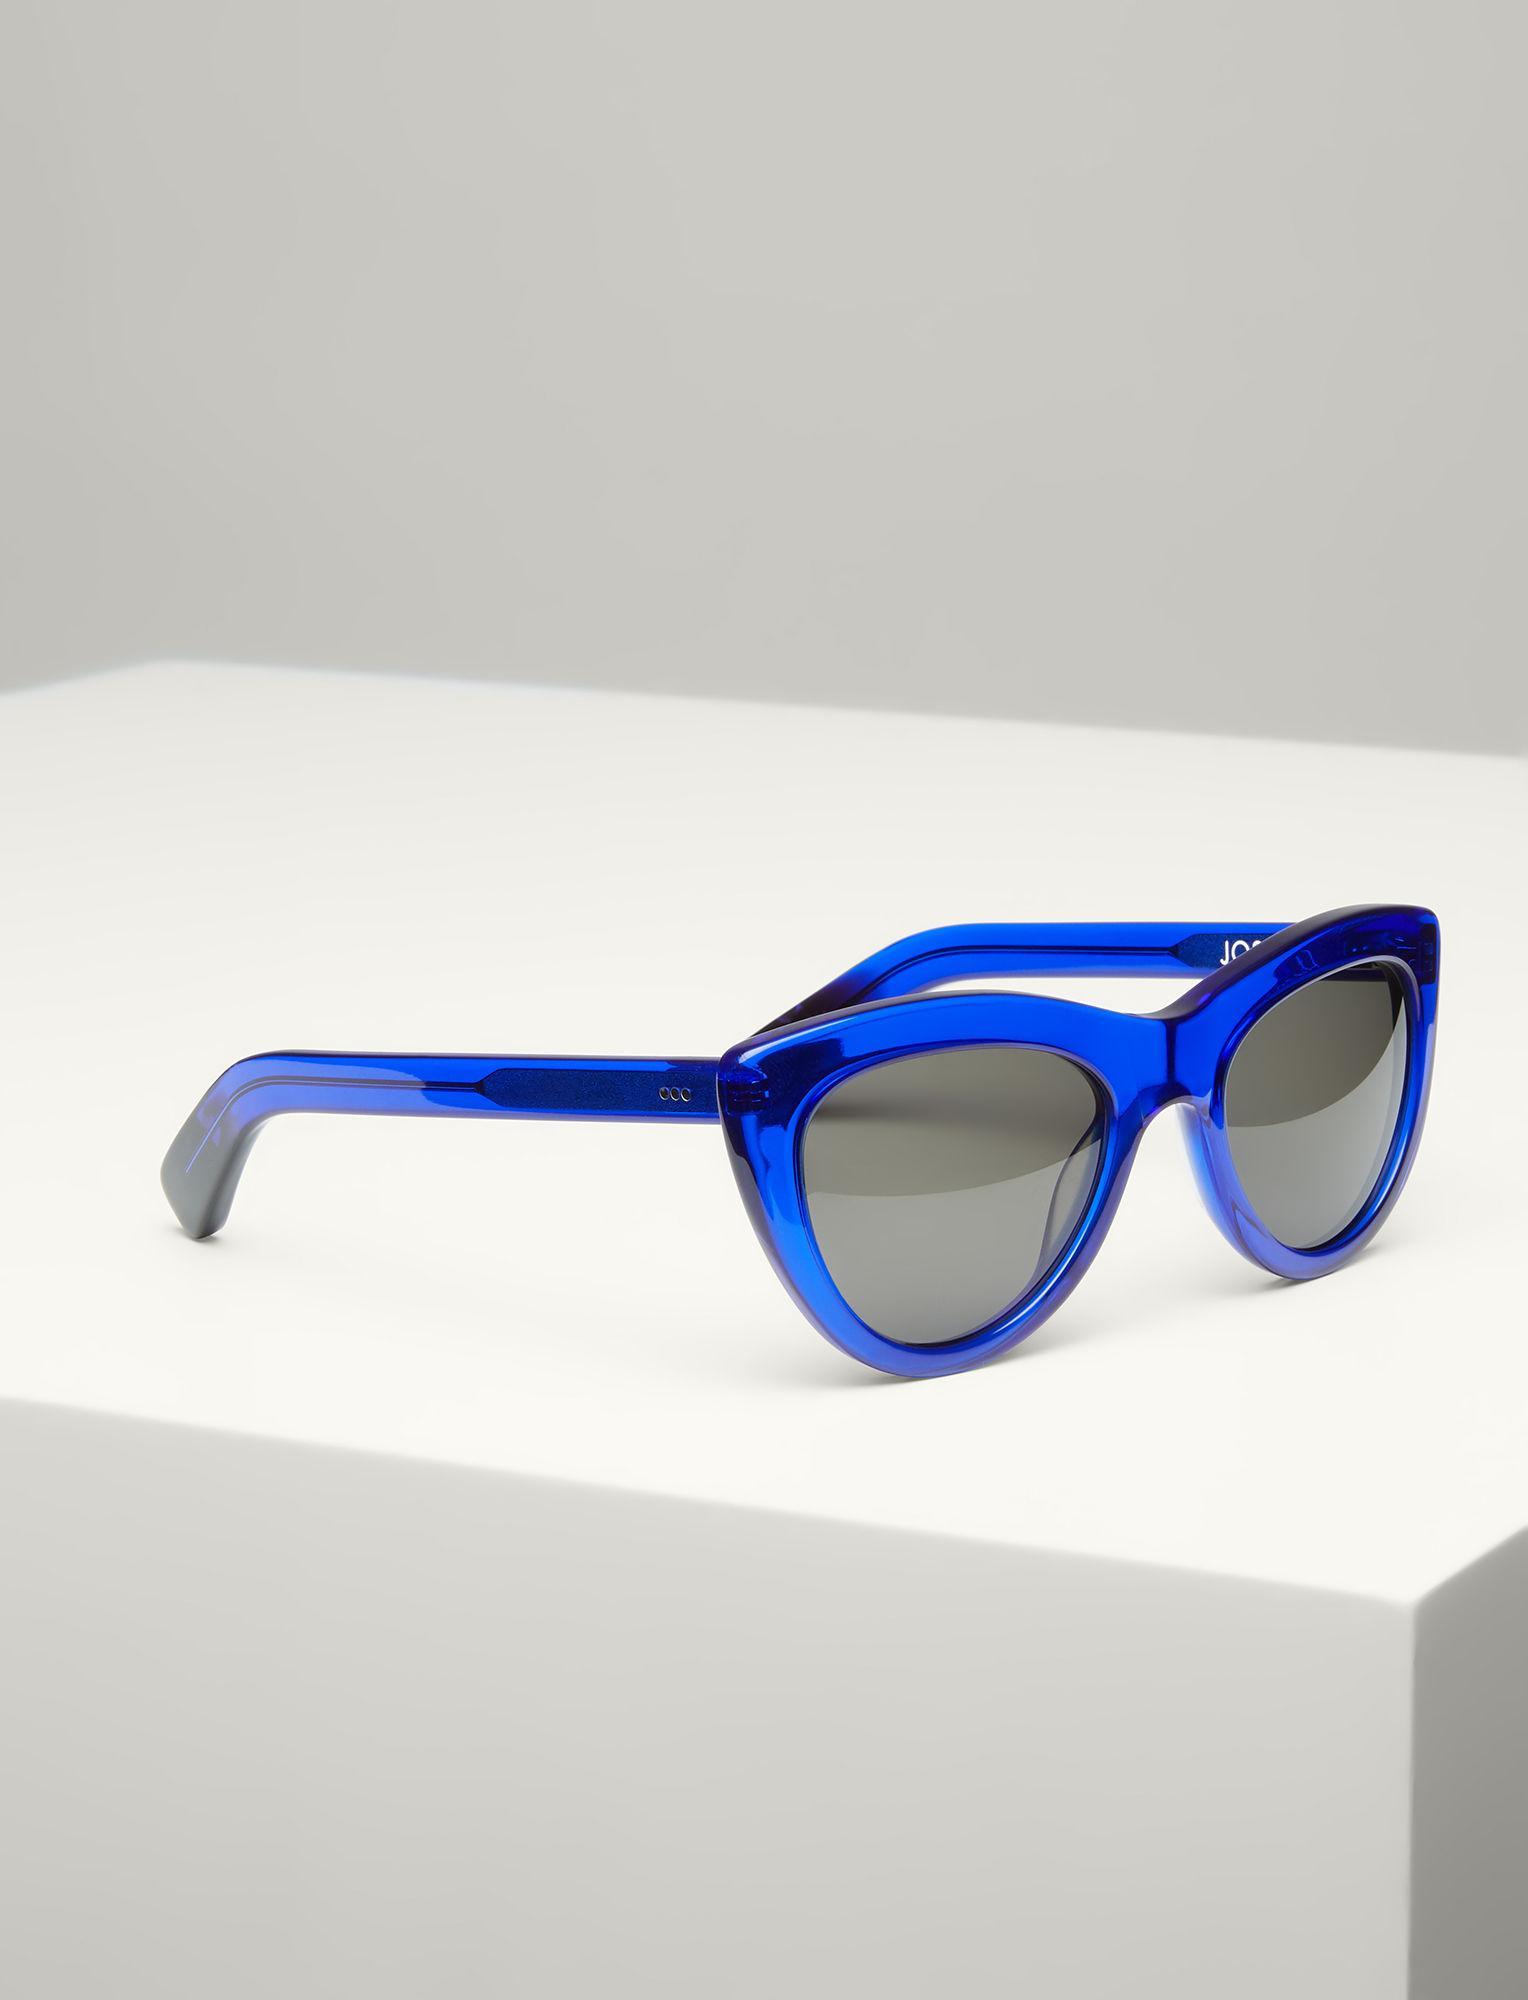 5ac6d2f2147c Lyst - JOSEPH Montaigne Sunglasses in Blue